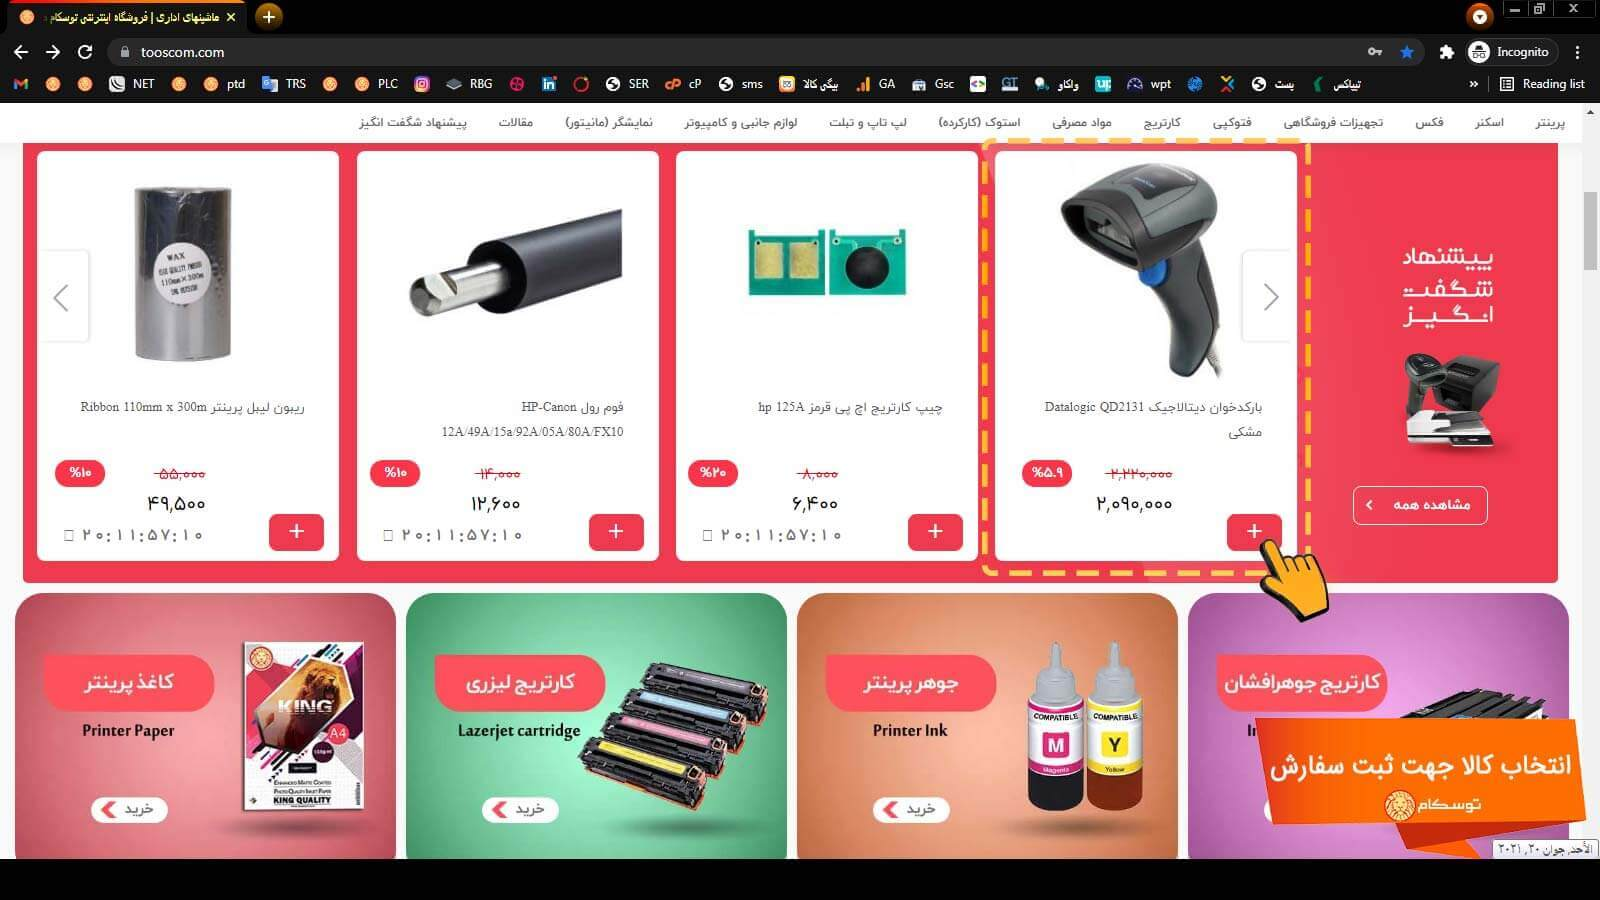 انتخاب کالا جهت ثبت سفارش | راهنمای استفاده از امتیازات فروشگاه اینترنتی توسکام